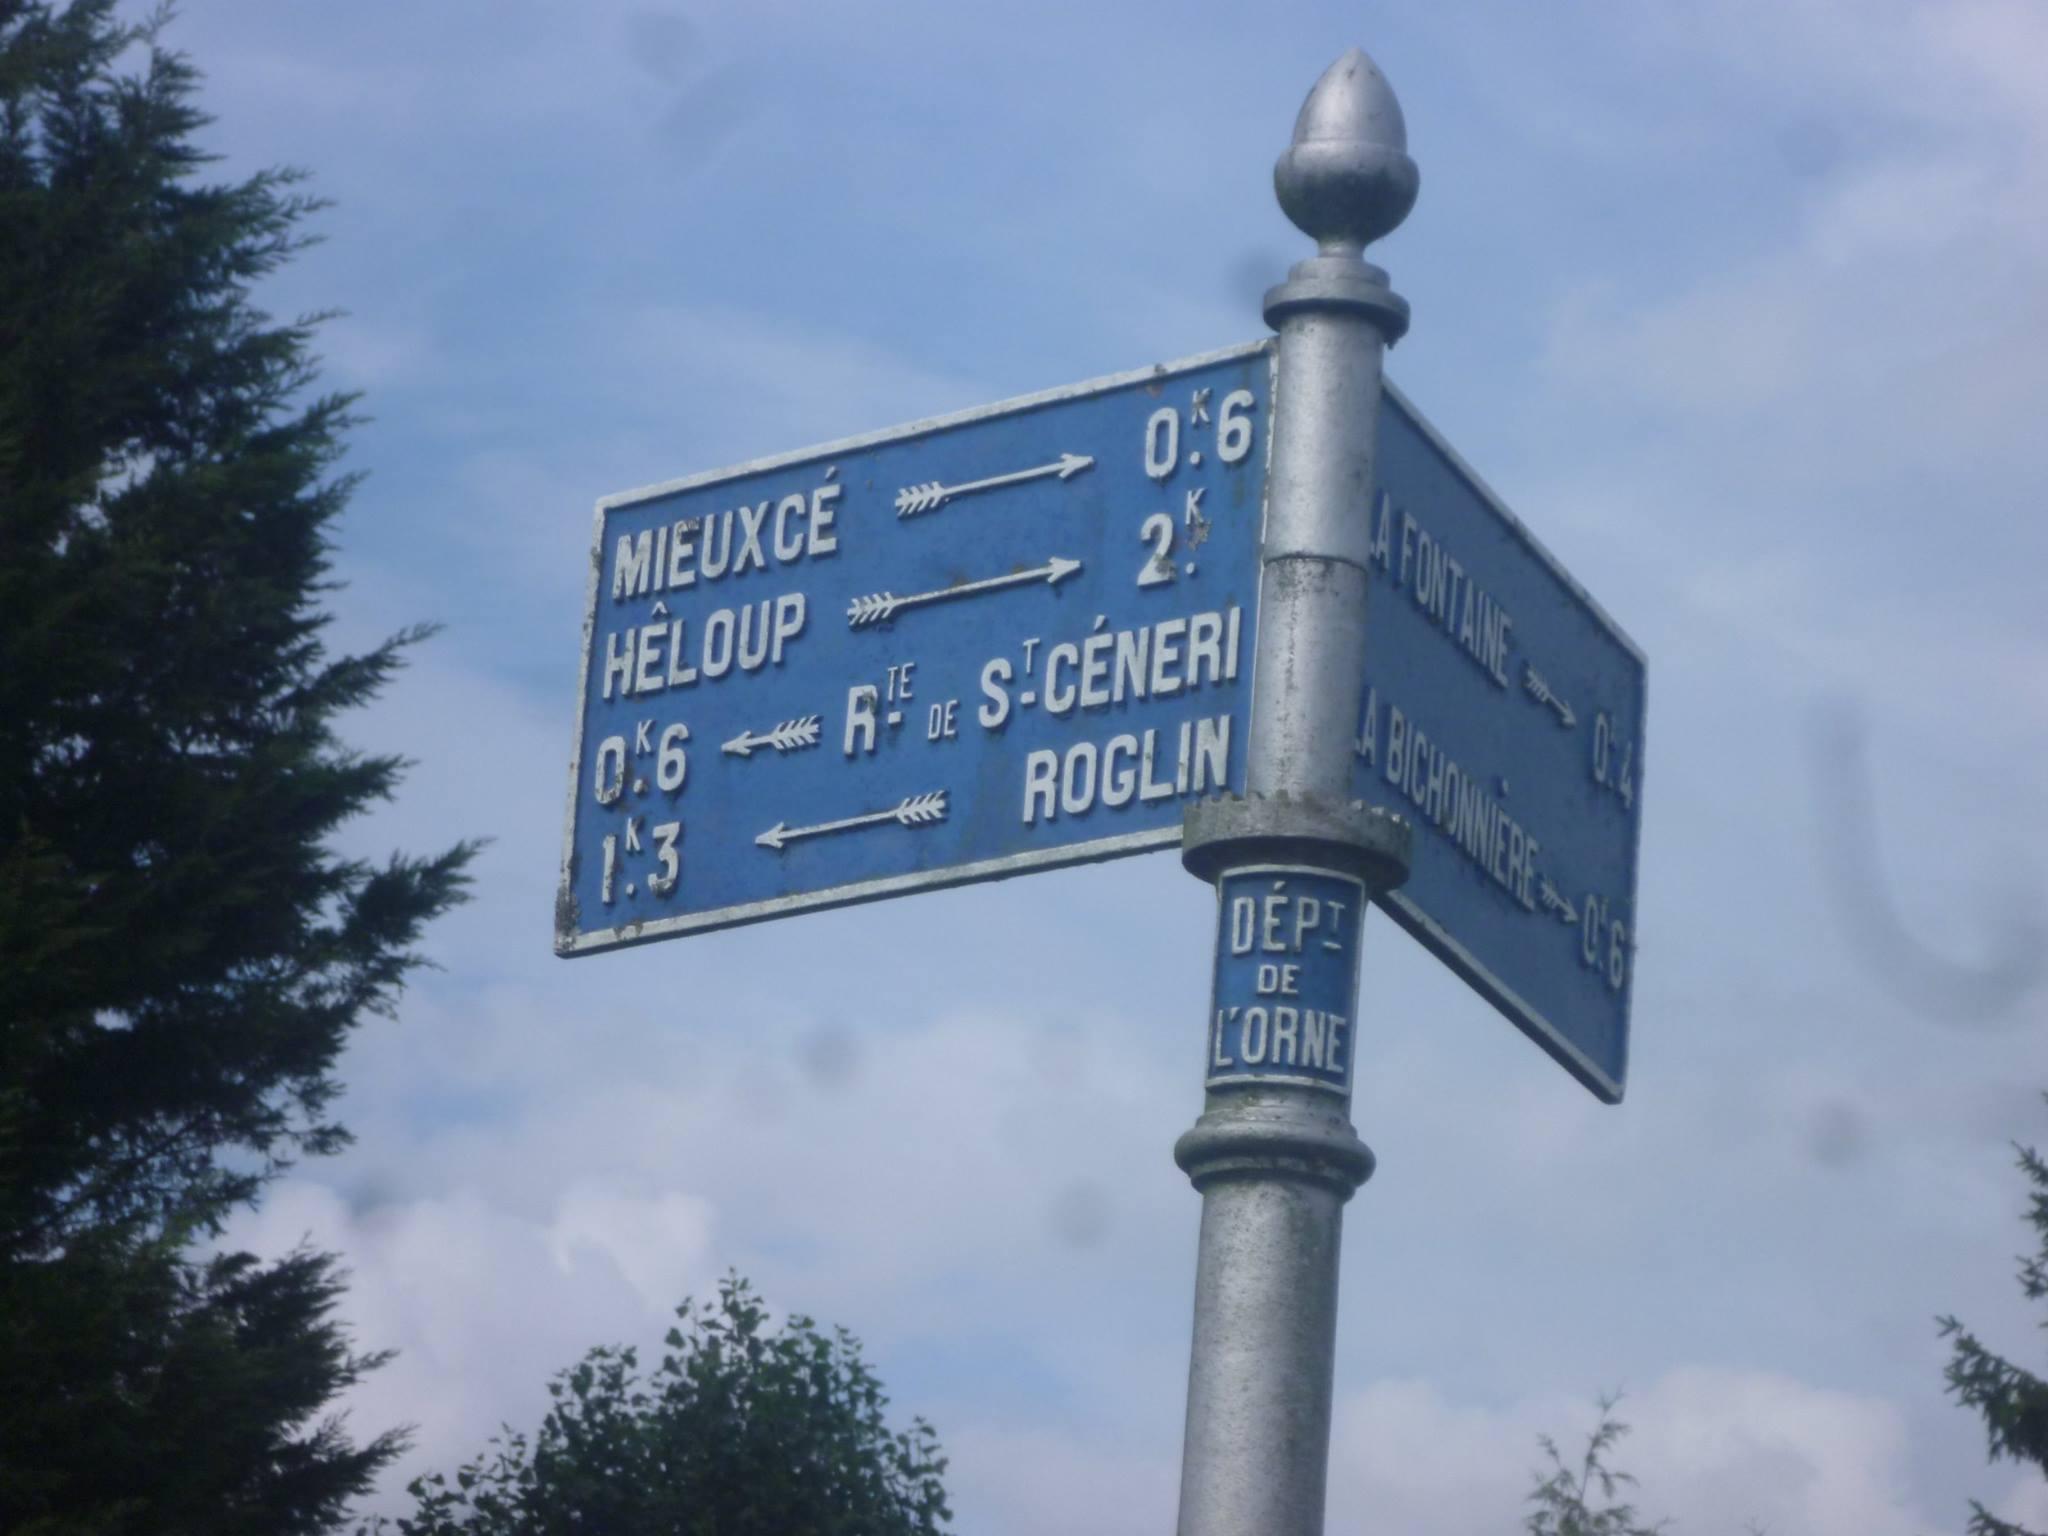 Zone 61 - Mieuxcé - Plaque de cocher - Mieuxcé - Hêloup - Route de Saint Céneri - Roglin (Gwéna Tireau)